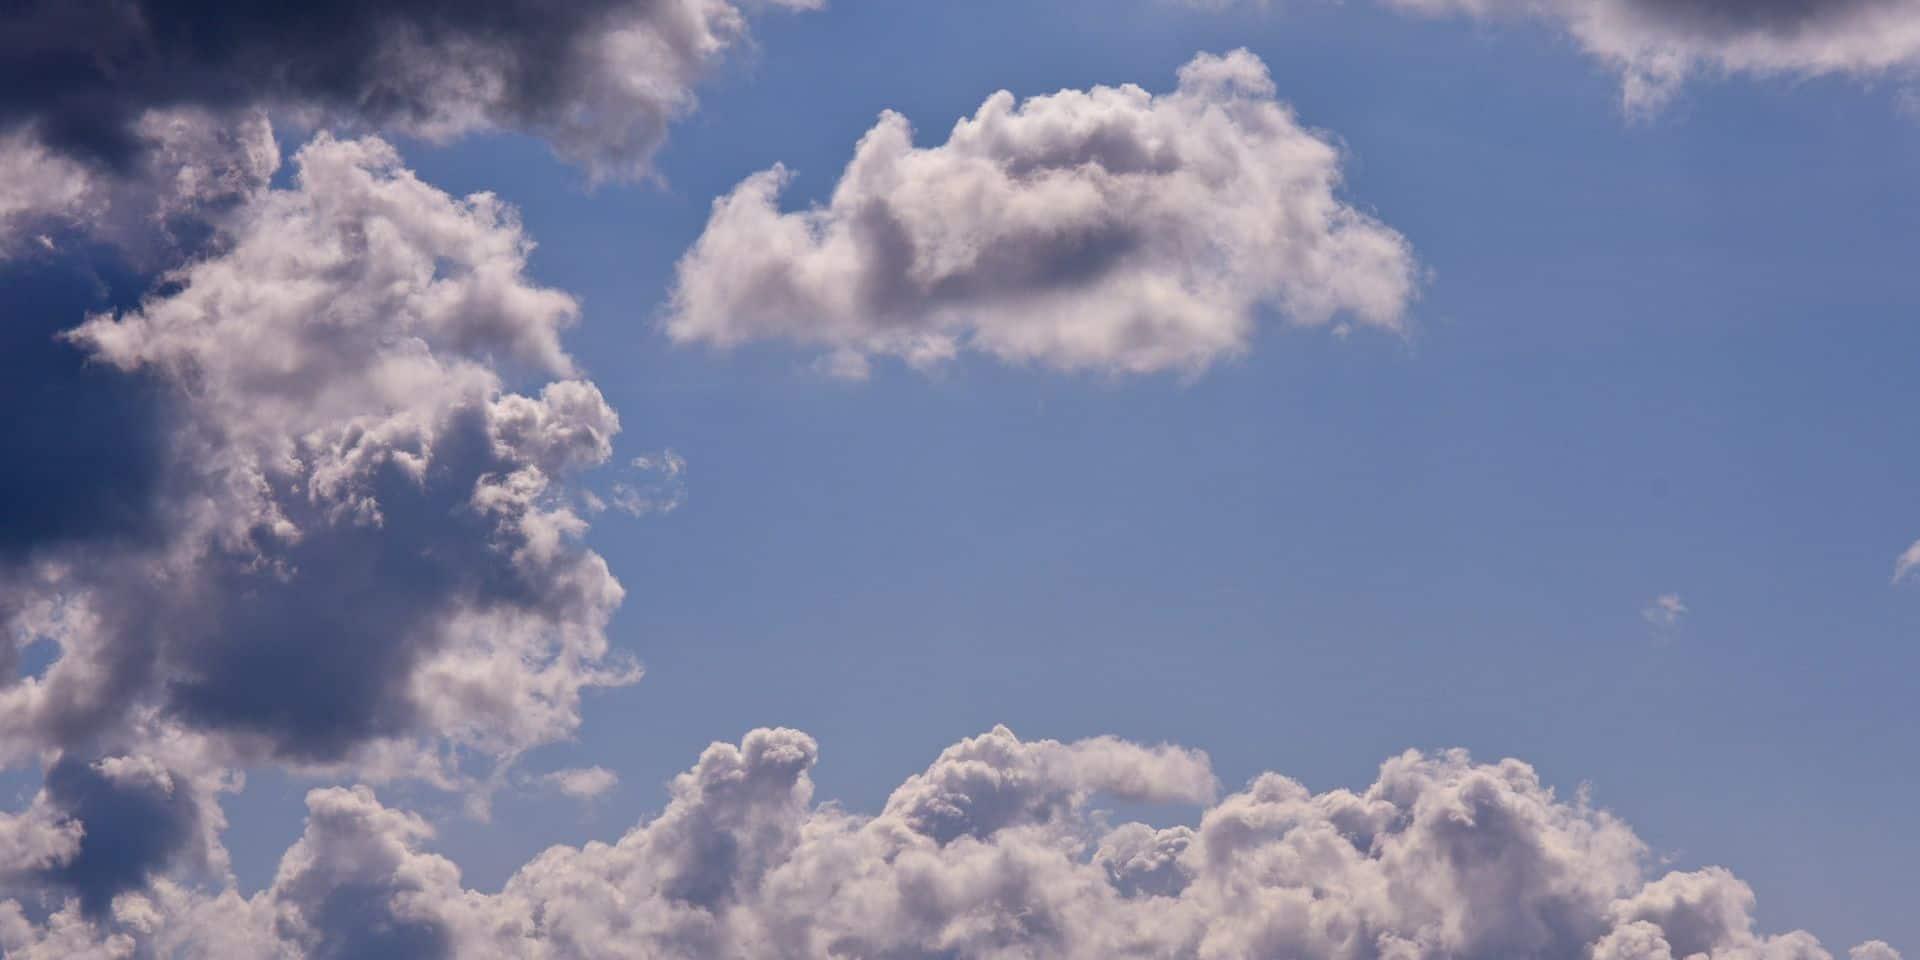 Météo: un vendredi nuageux avec des averses attendues sur l'ensemble du pays